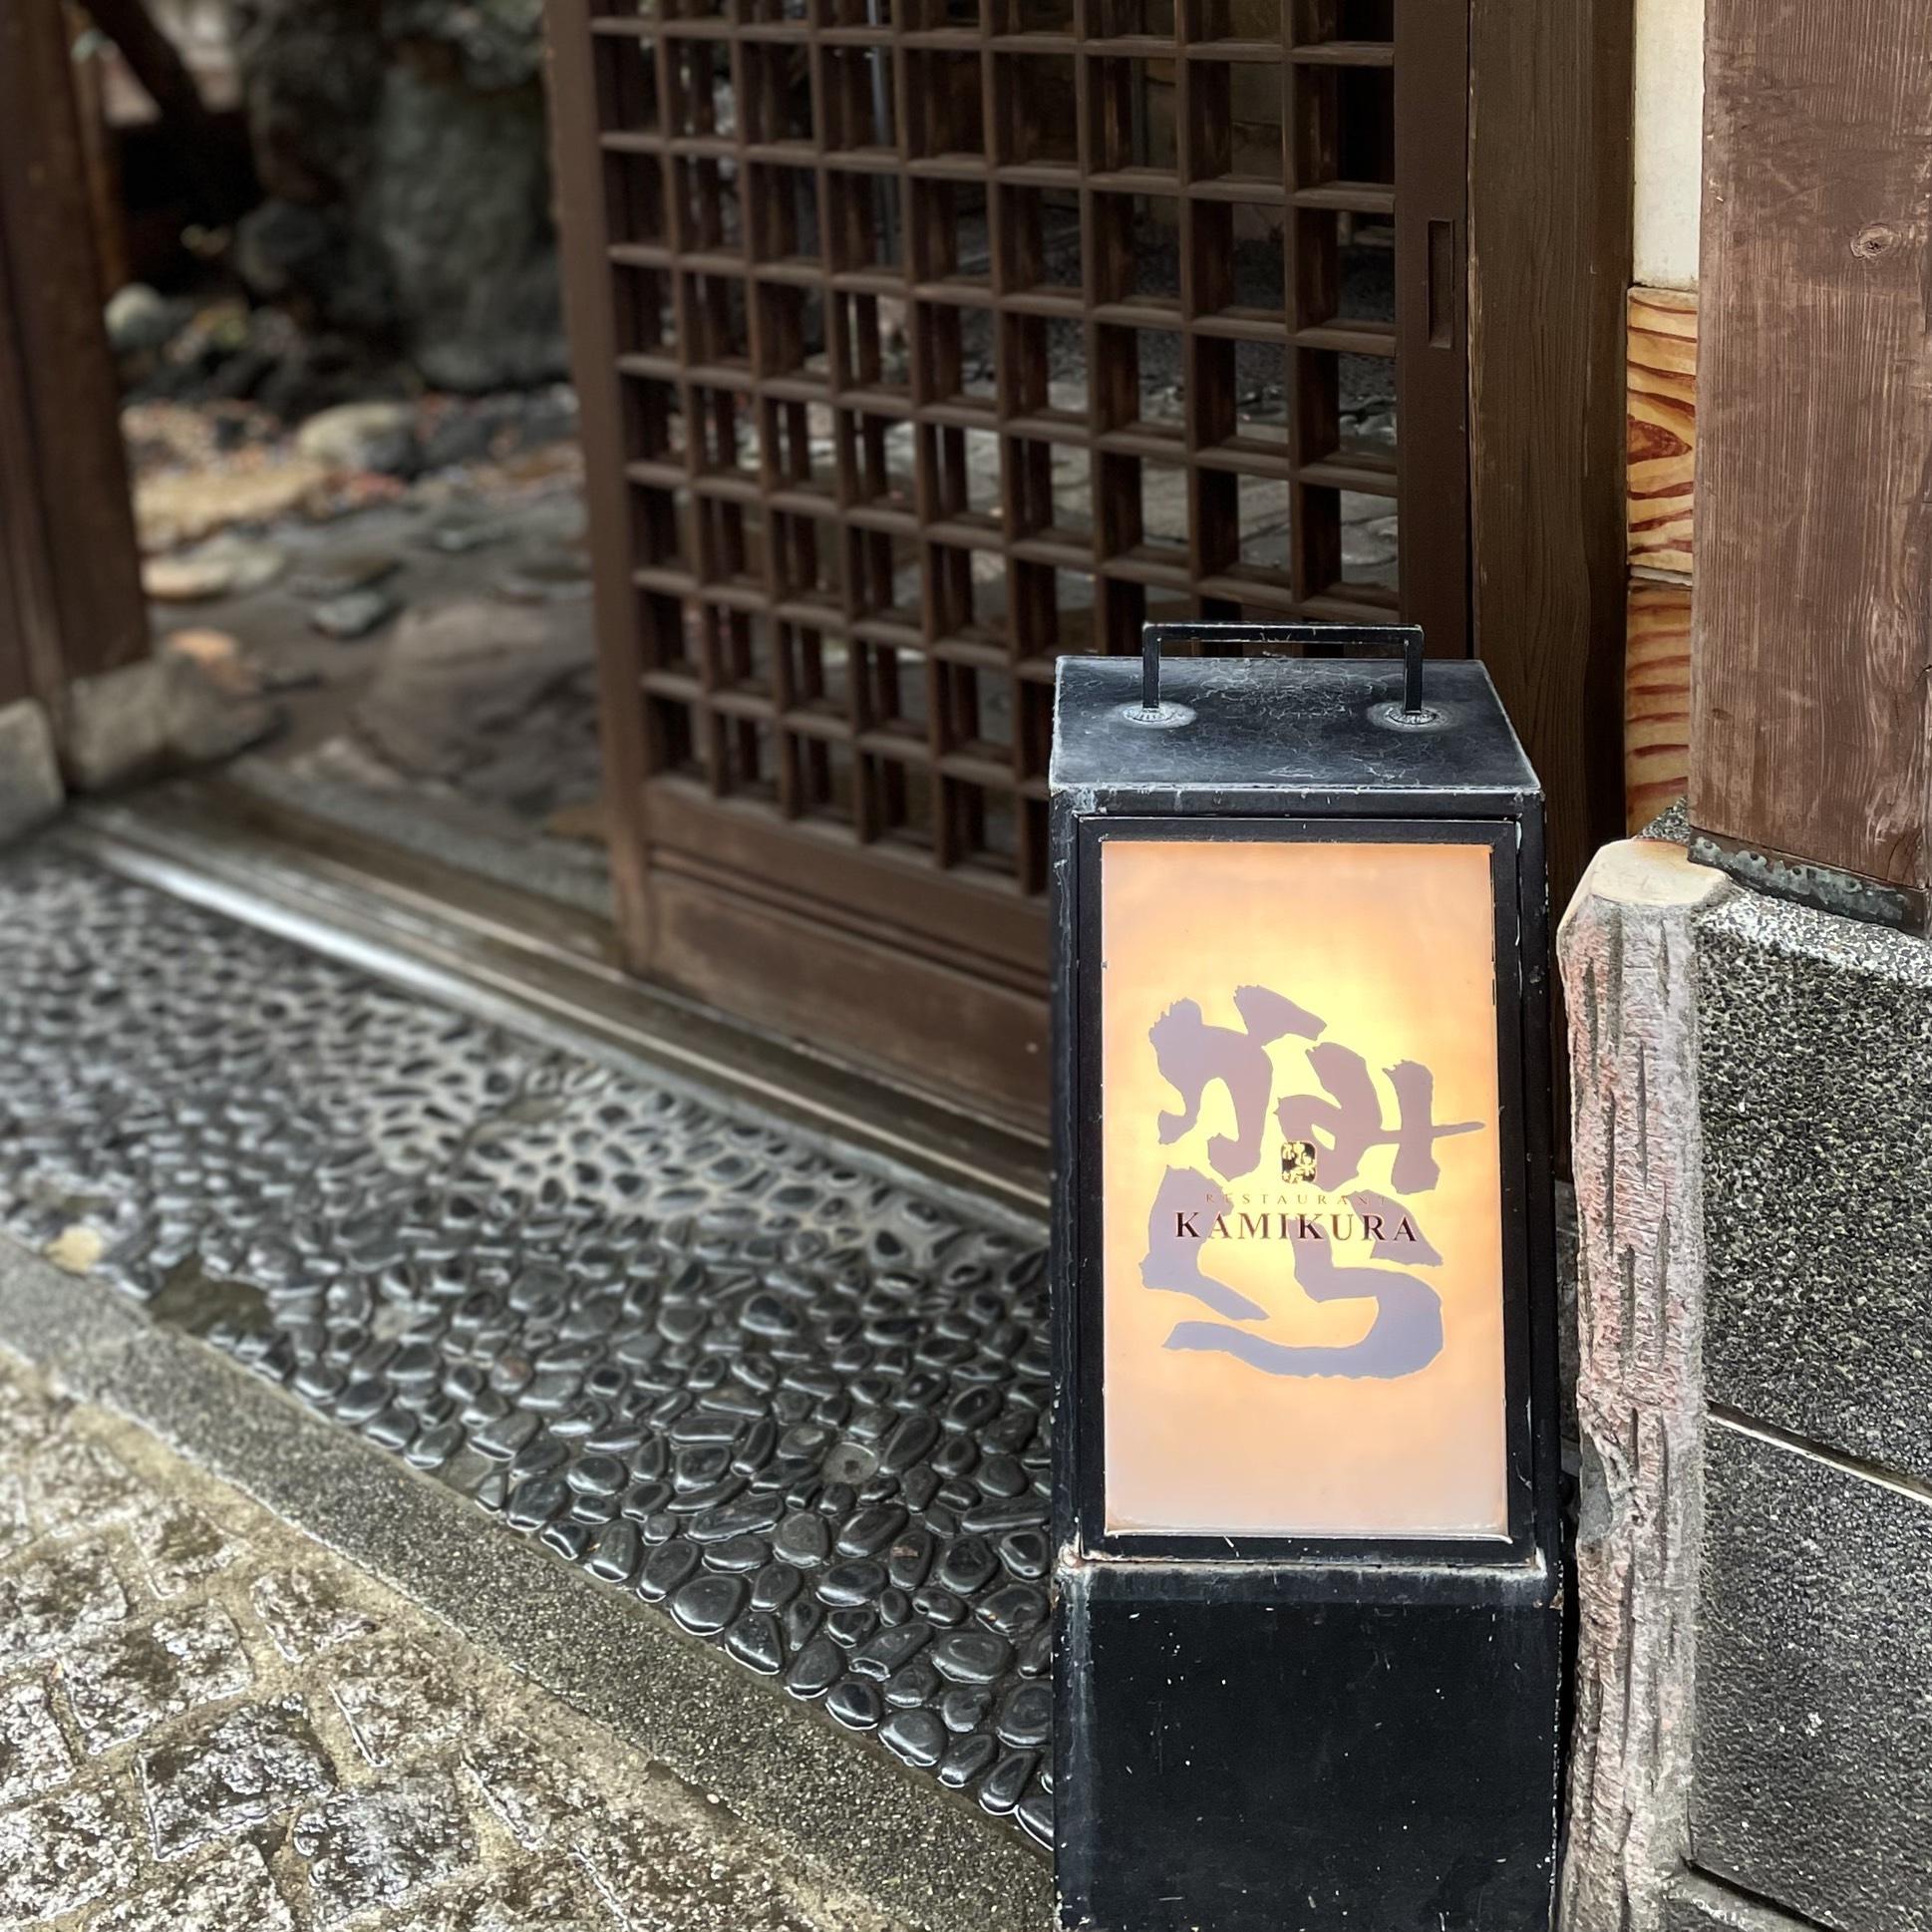 神楽坂レストラン「かみくら」の店名が入った街灯